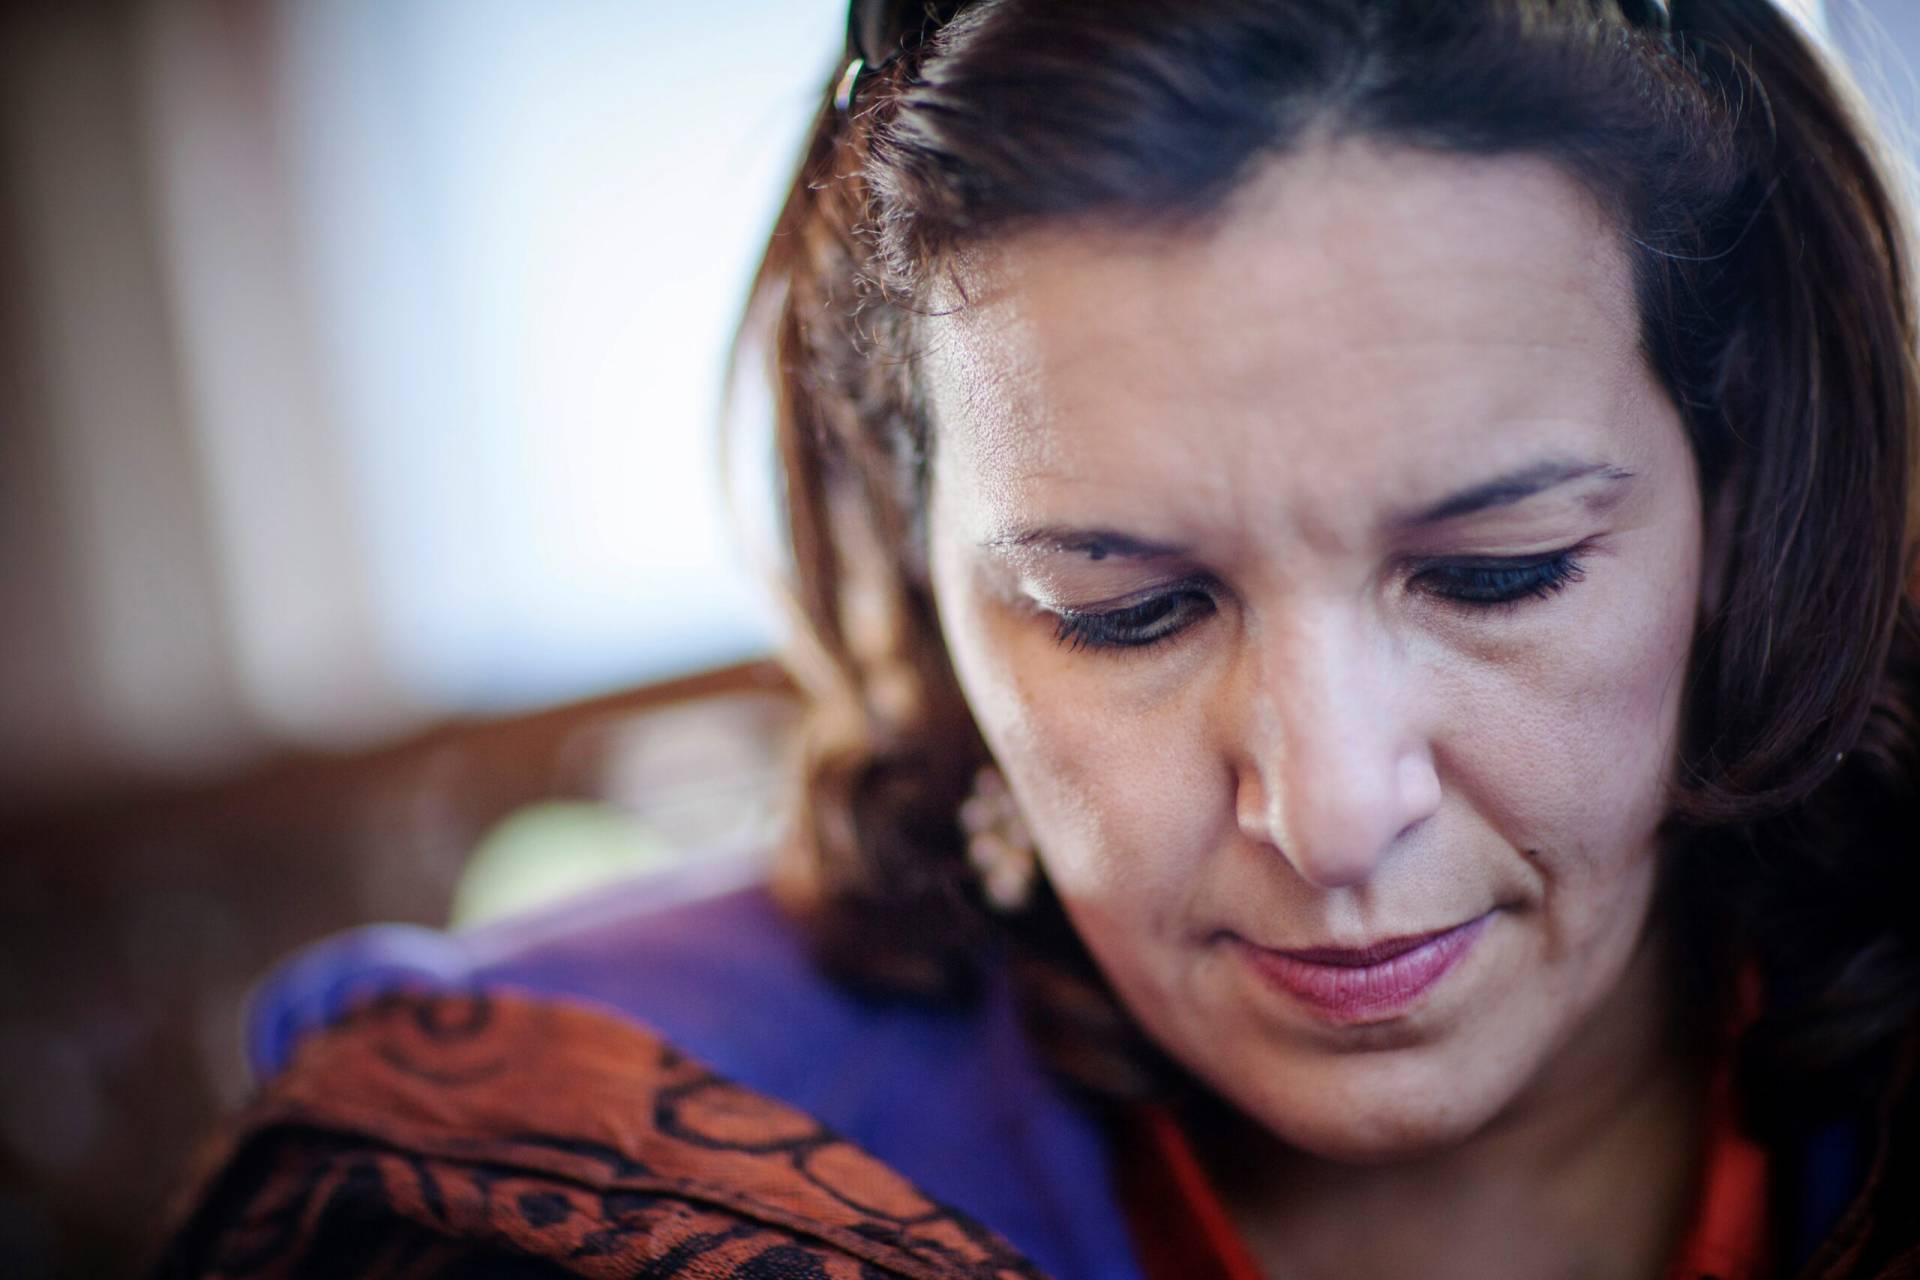 Hana Sadik Galal var bara drygt trettio år när hon var med och ledde upproret i Libyen.